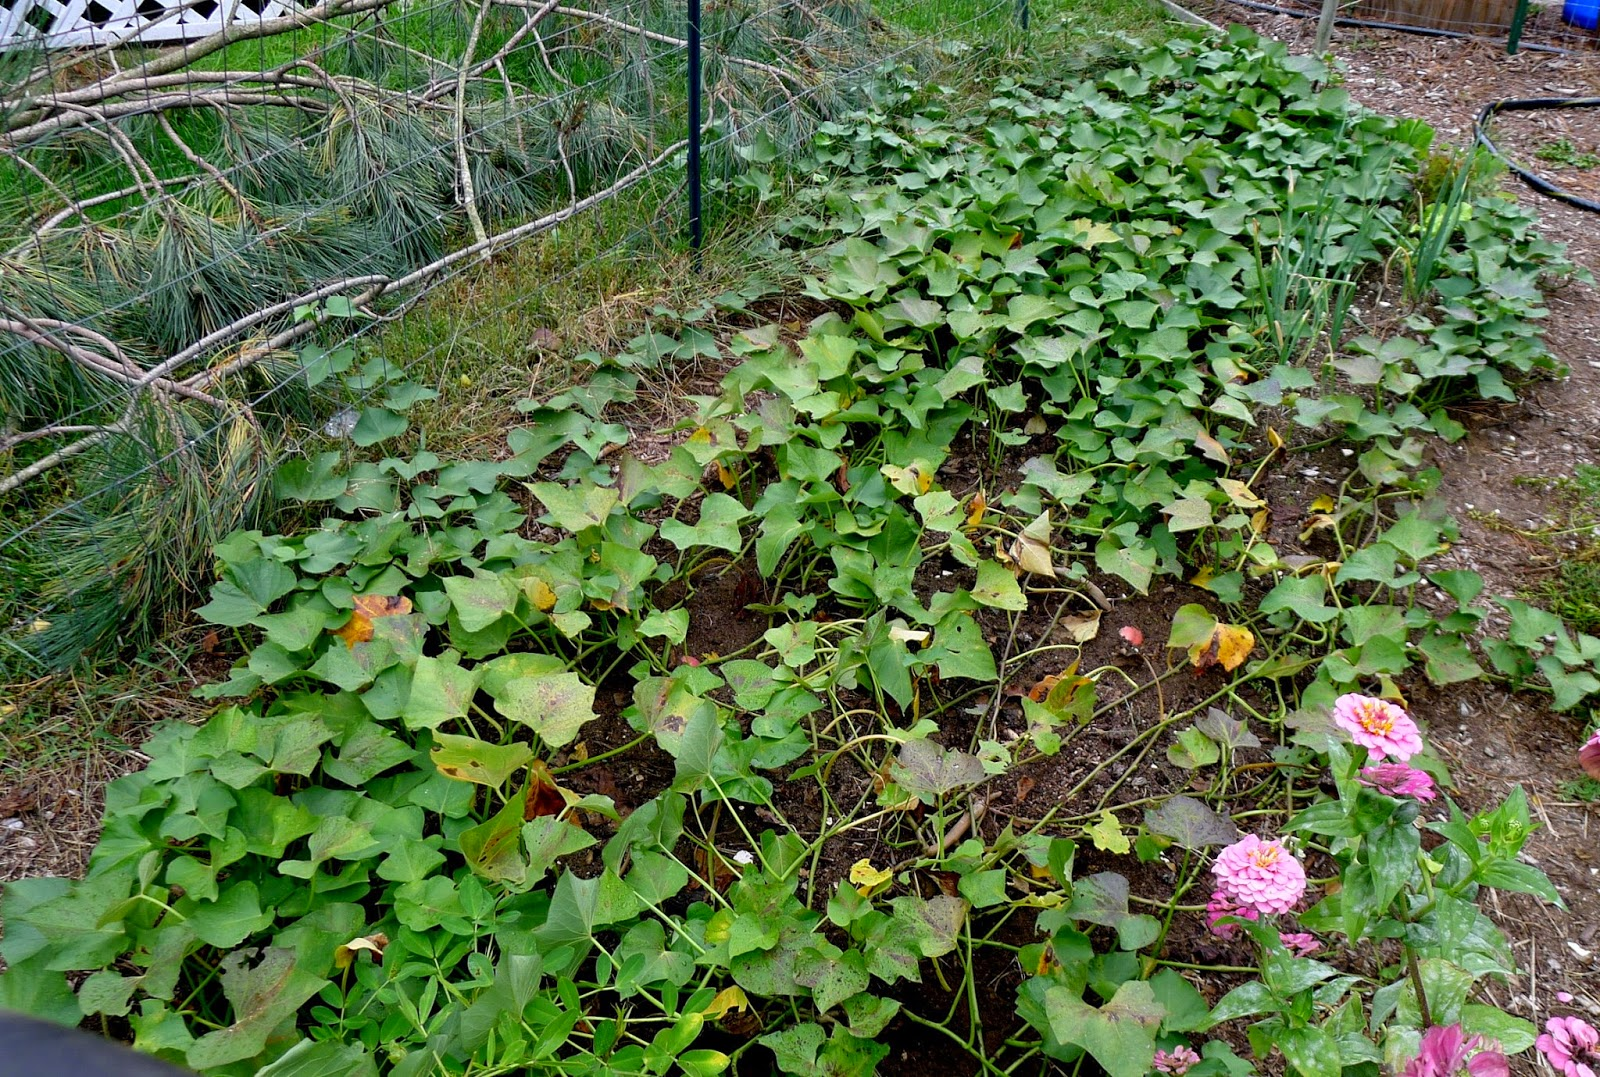 Beauregard Sweet potato Vines, urban farming, gardening